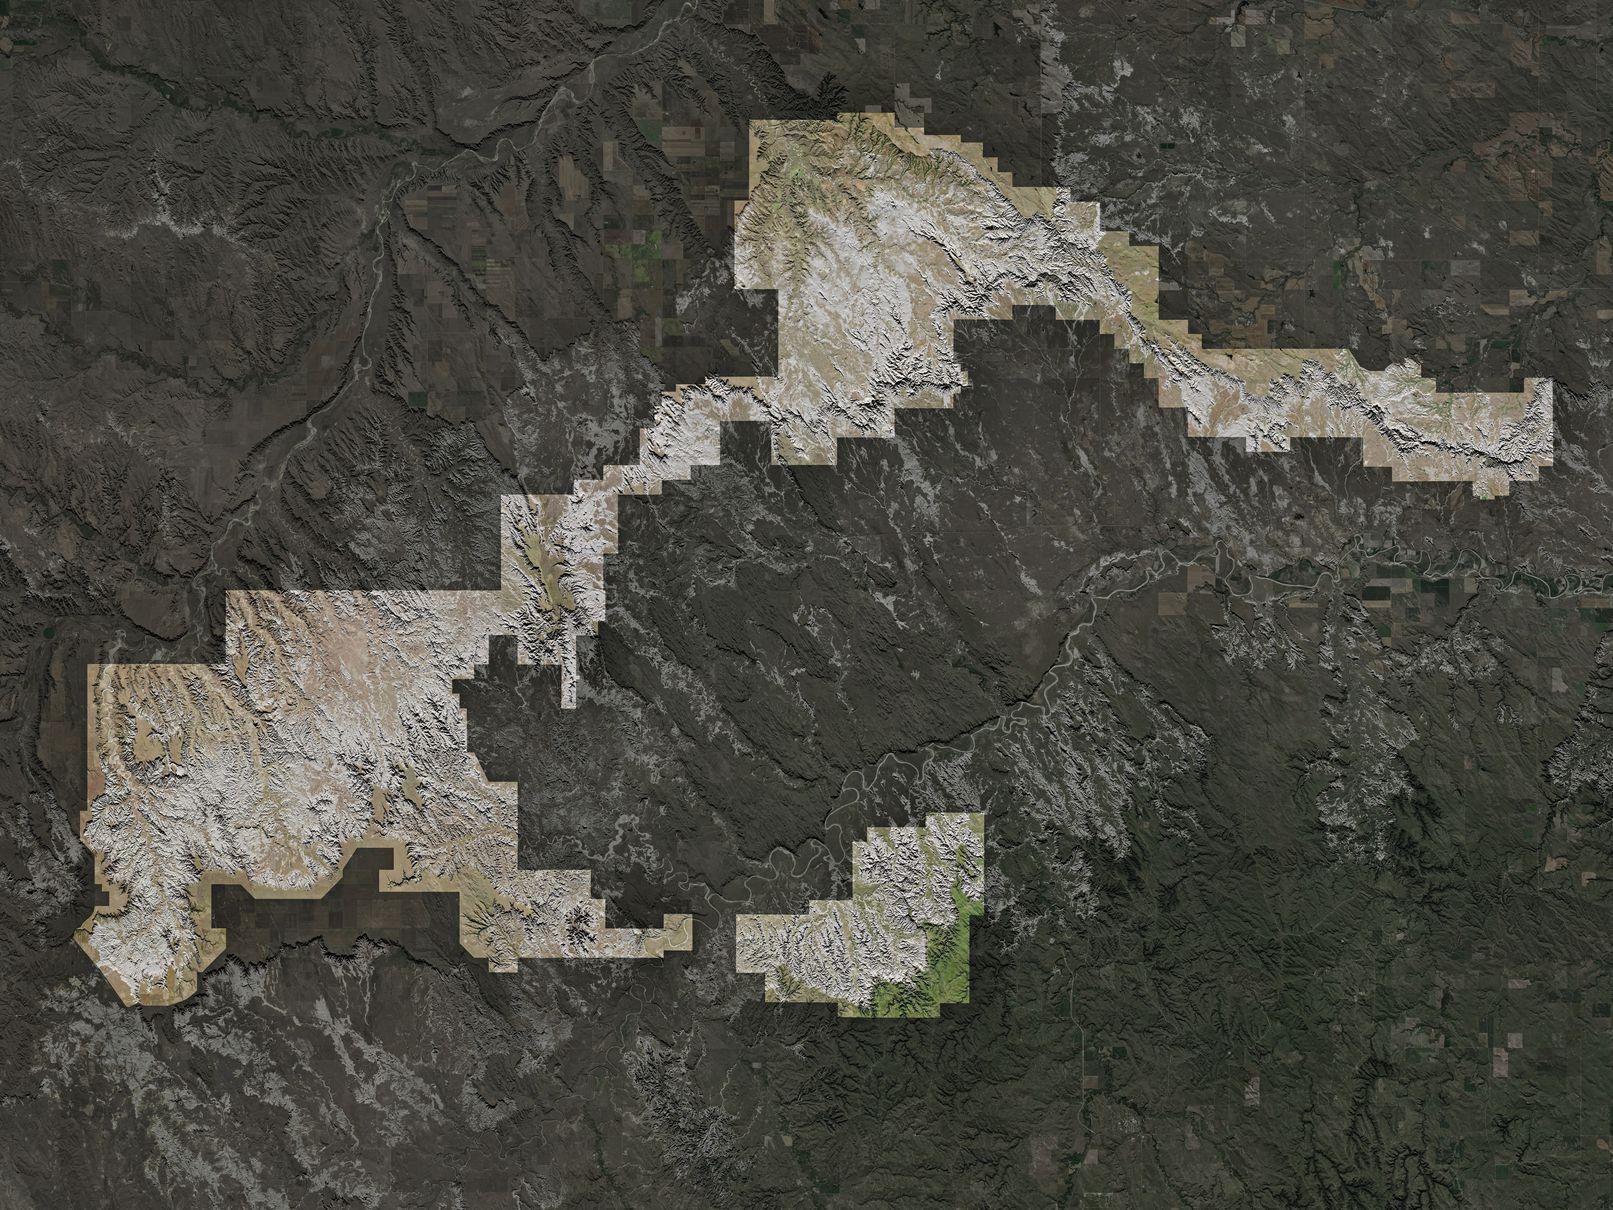 Map of Badlands National Park